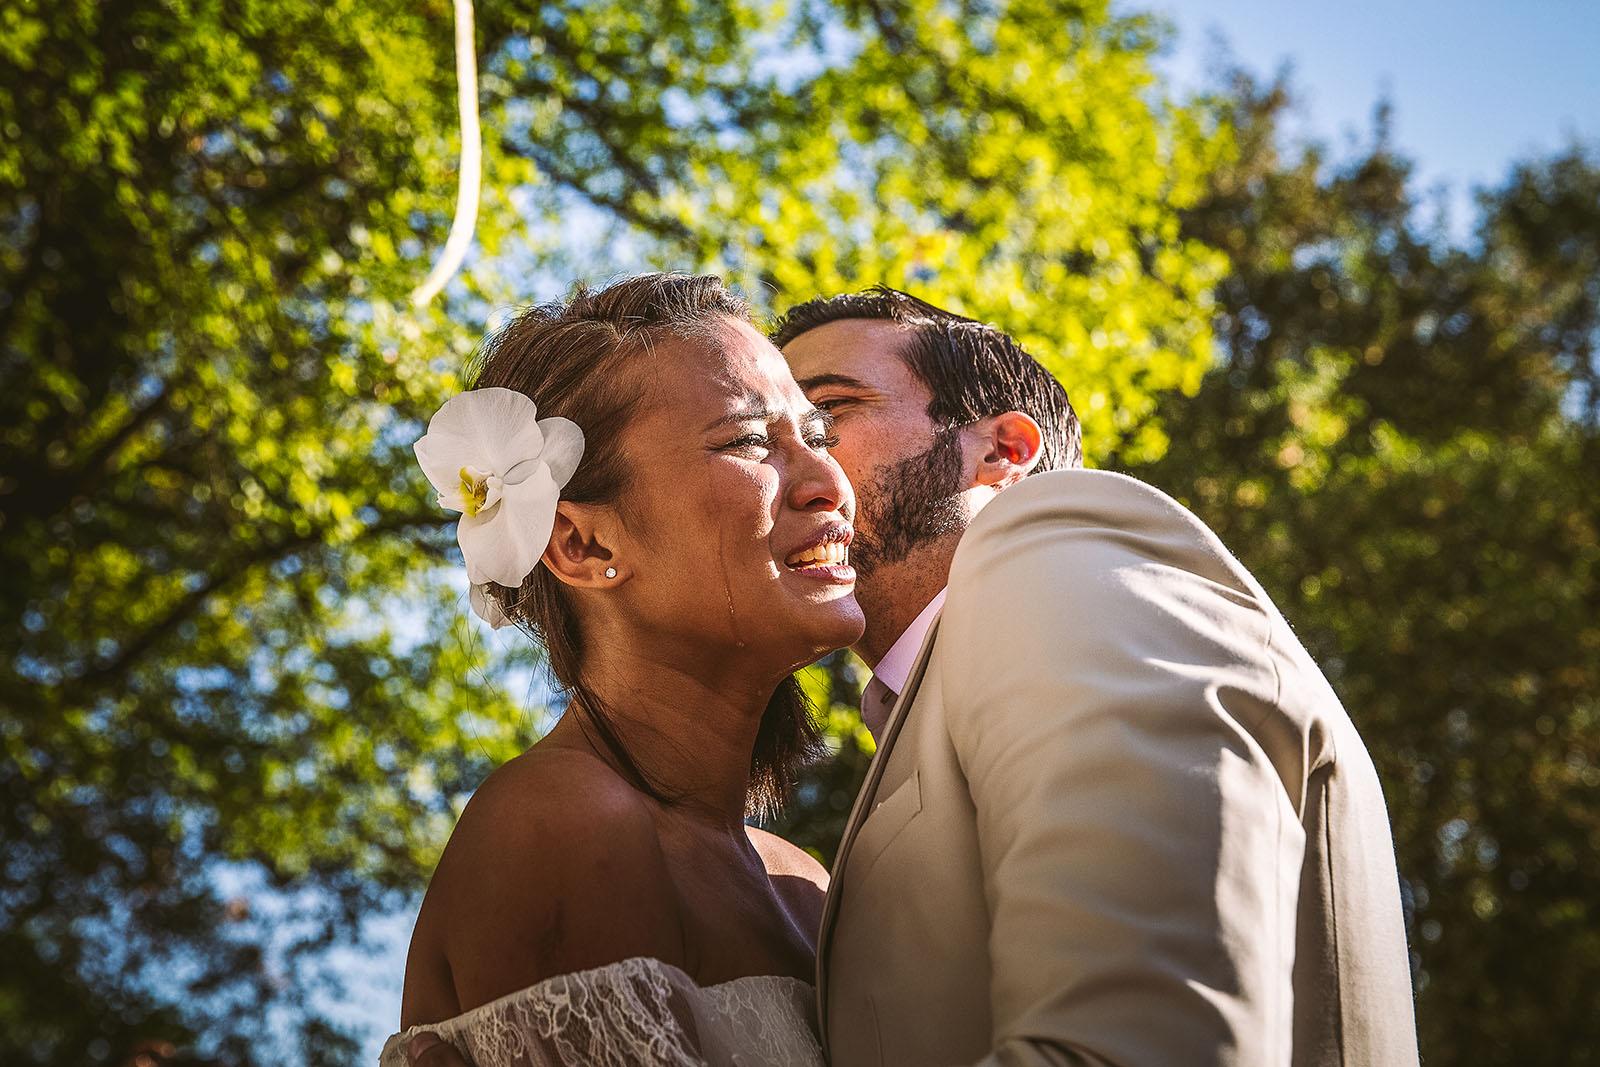 Mariage Mas de La Rouquette. David Pommier photographe de mariage. La mariée pleure pendant que son mari l'embrasse